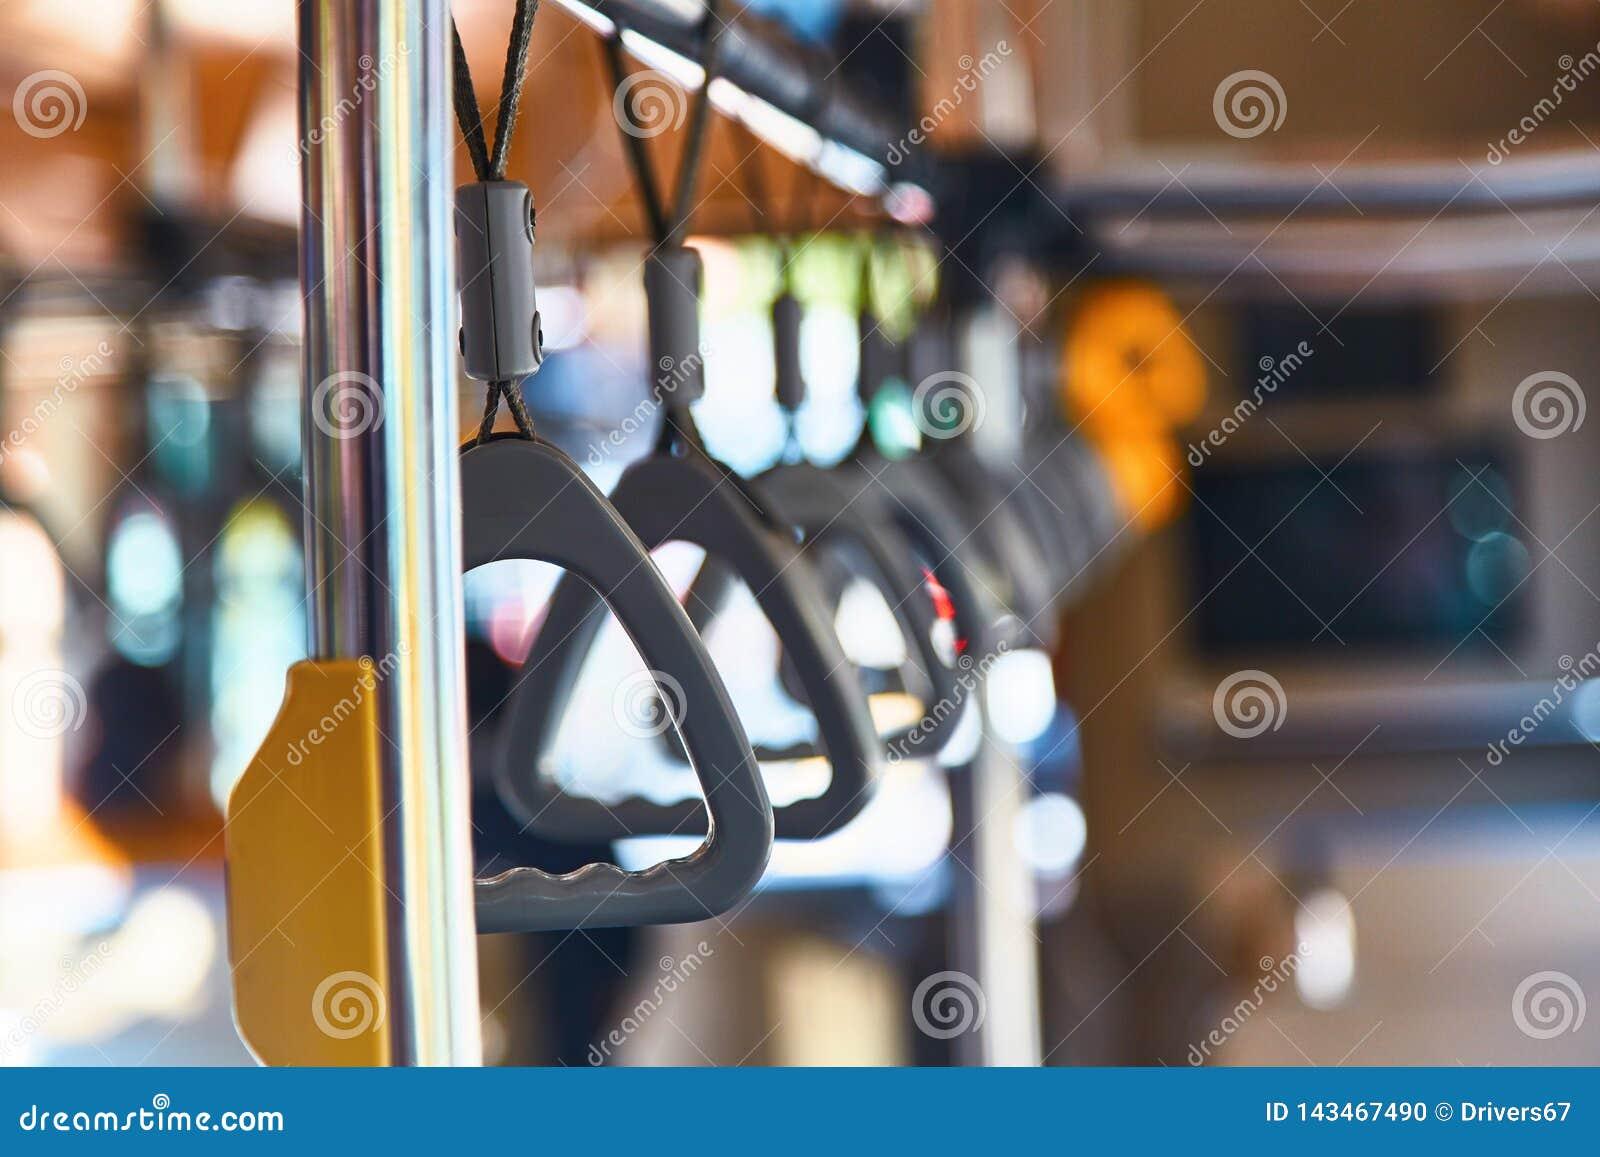 Barandillas en el autobús Lazos en el autobús